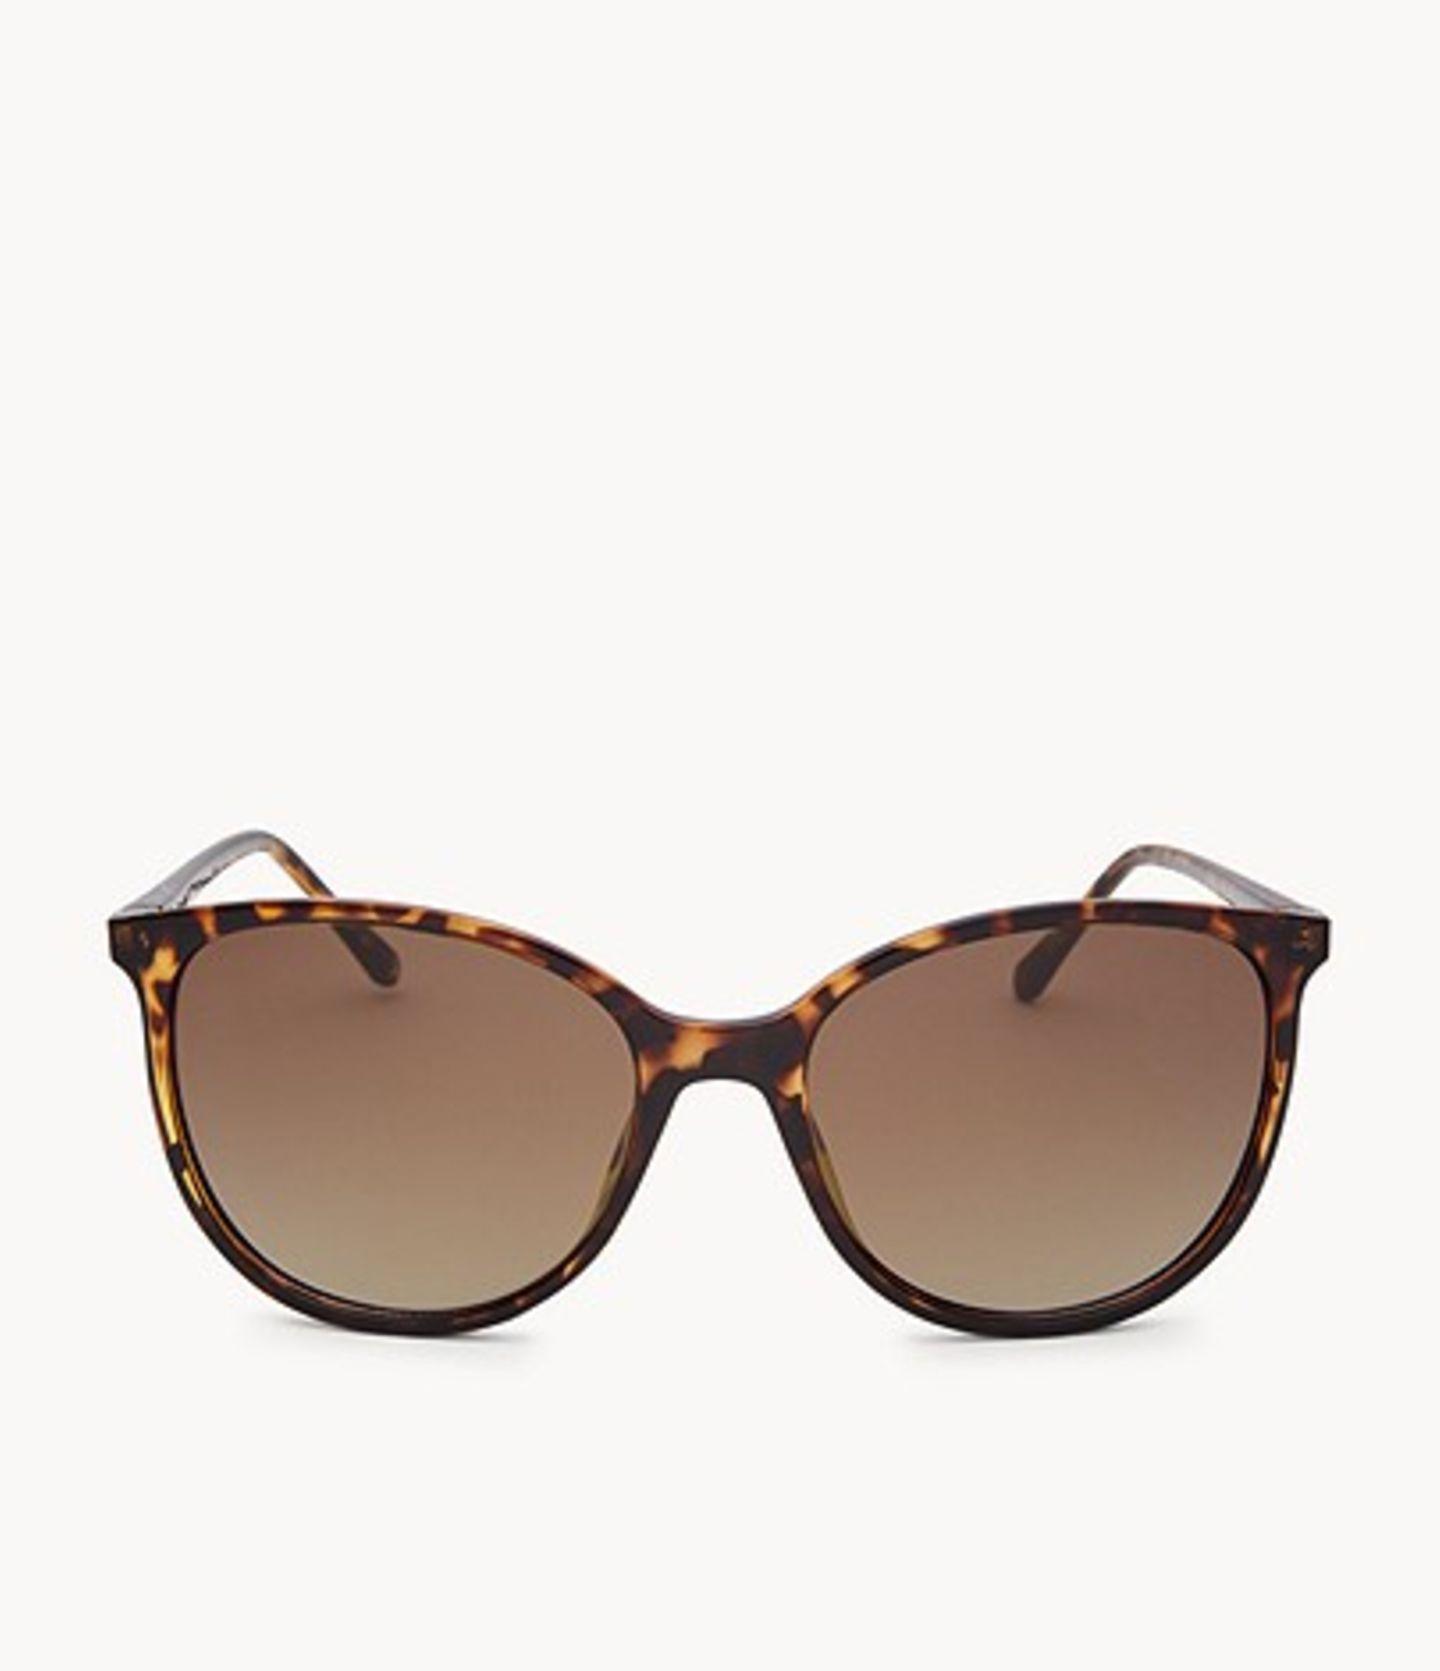 Das einzige Accessoire, das wir im Sommer WIRKLICH brauchen? Ganz klar, eine Sonnenbrille. Ein Glück, dass es so stylische Modelle wie dieses hier in Schildpatt-Optik und mit sanft geschwungenen Gläsern gibt. Von Fossil, um 80 Euro.